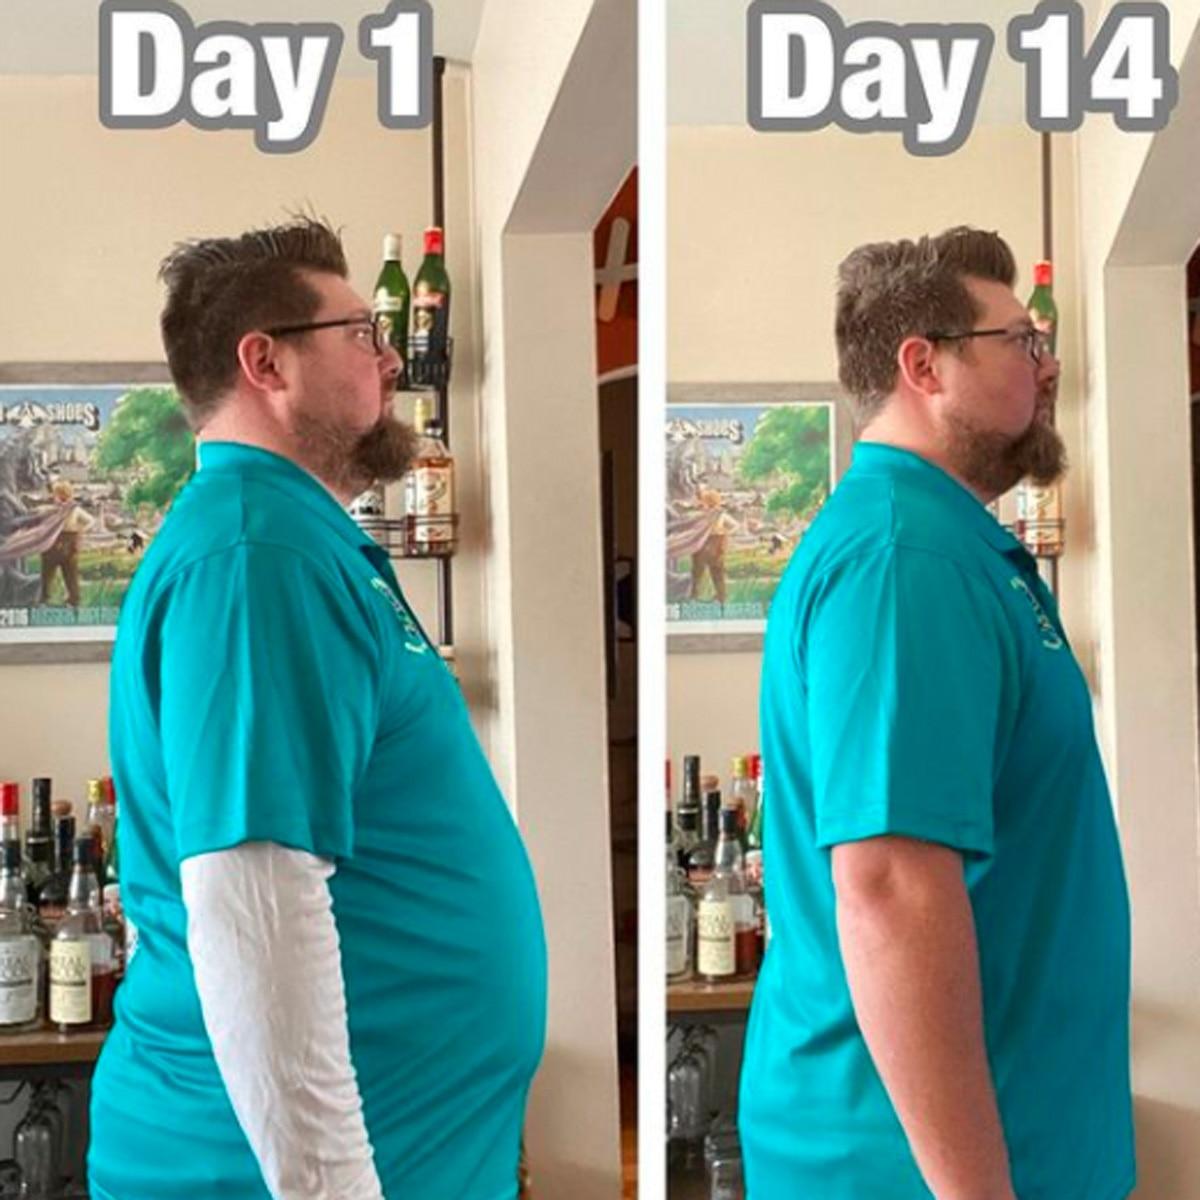 खाना-पीना छोड़, दिन में 5 बीयर पीता है ये शख्स, घटा लिया 18 किलो वजन -  Trending AajTak